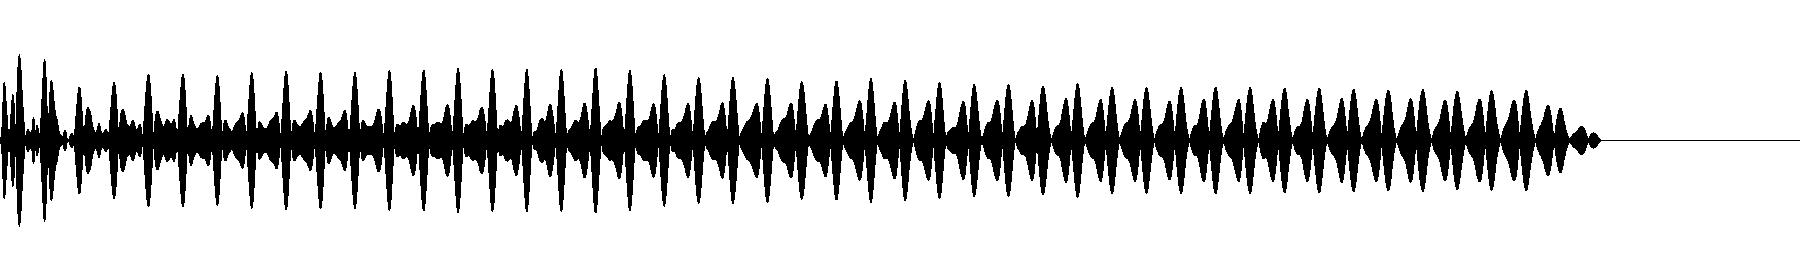 bass5